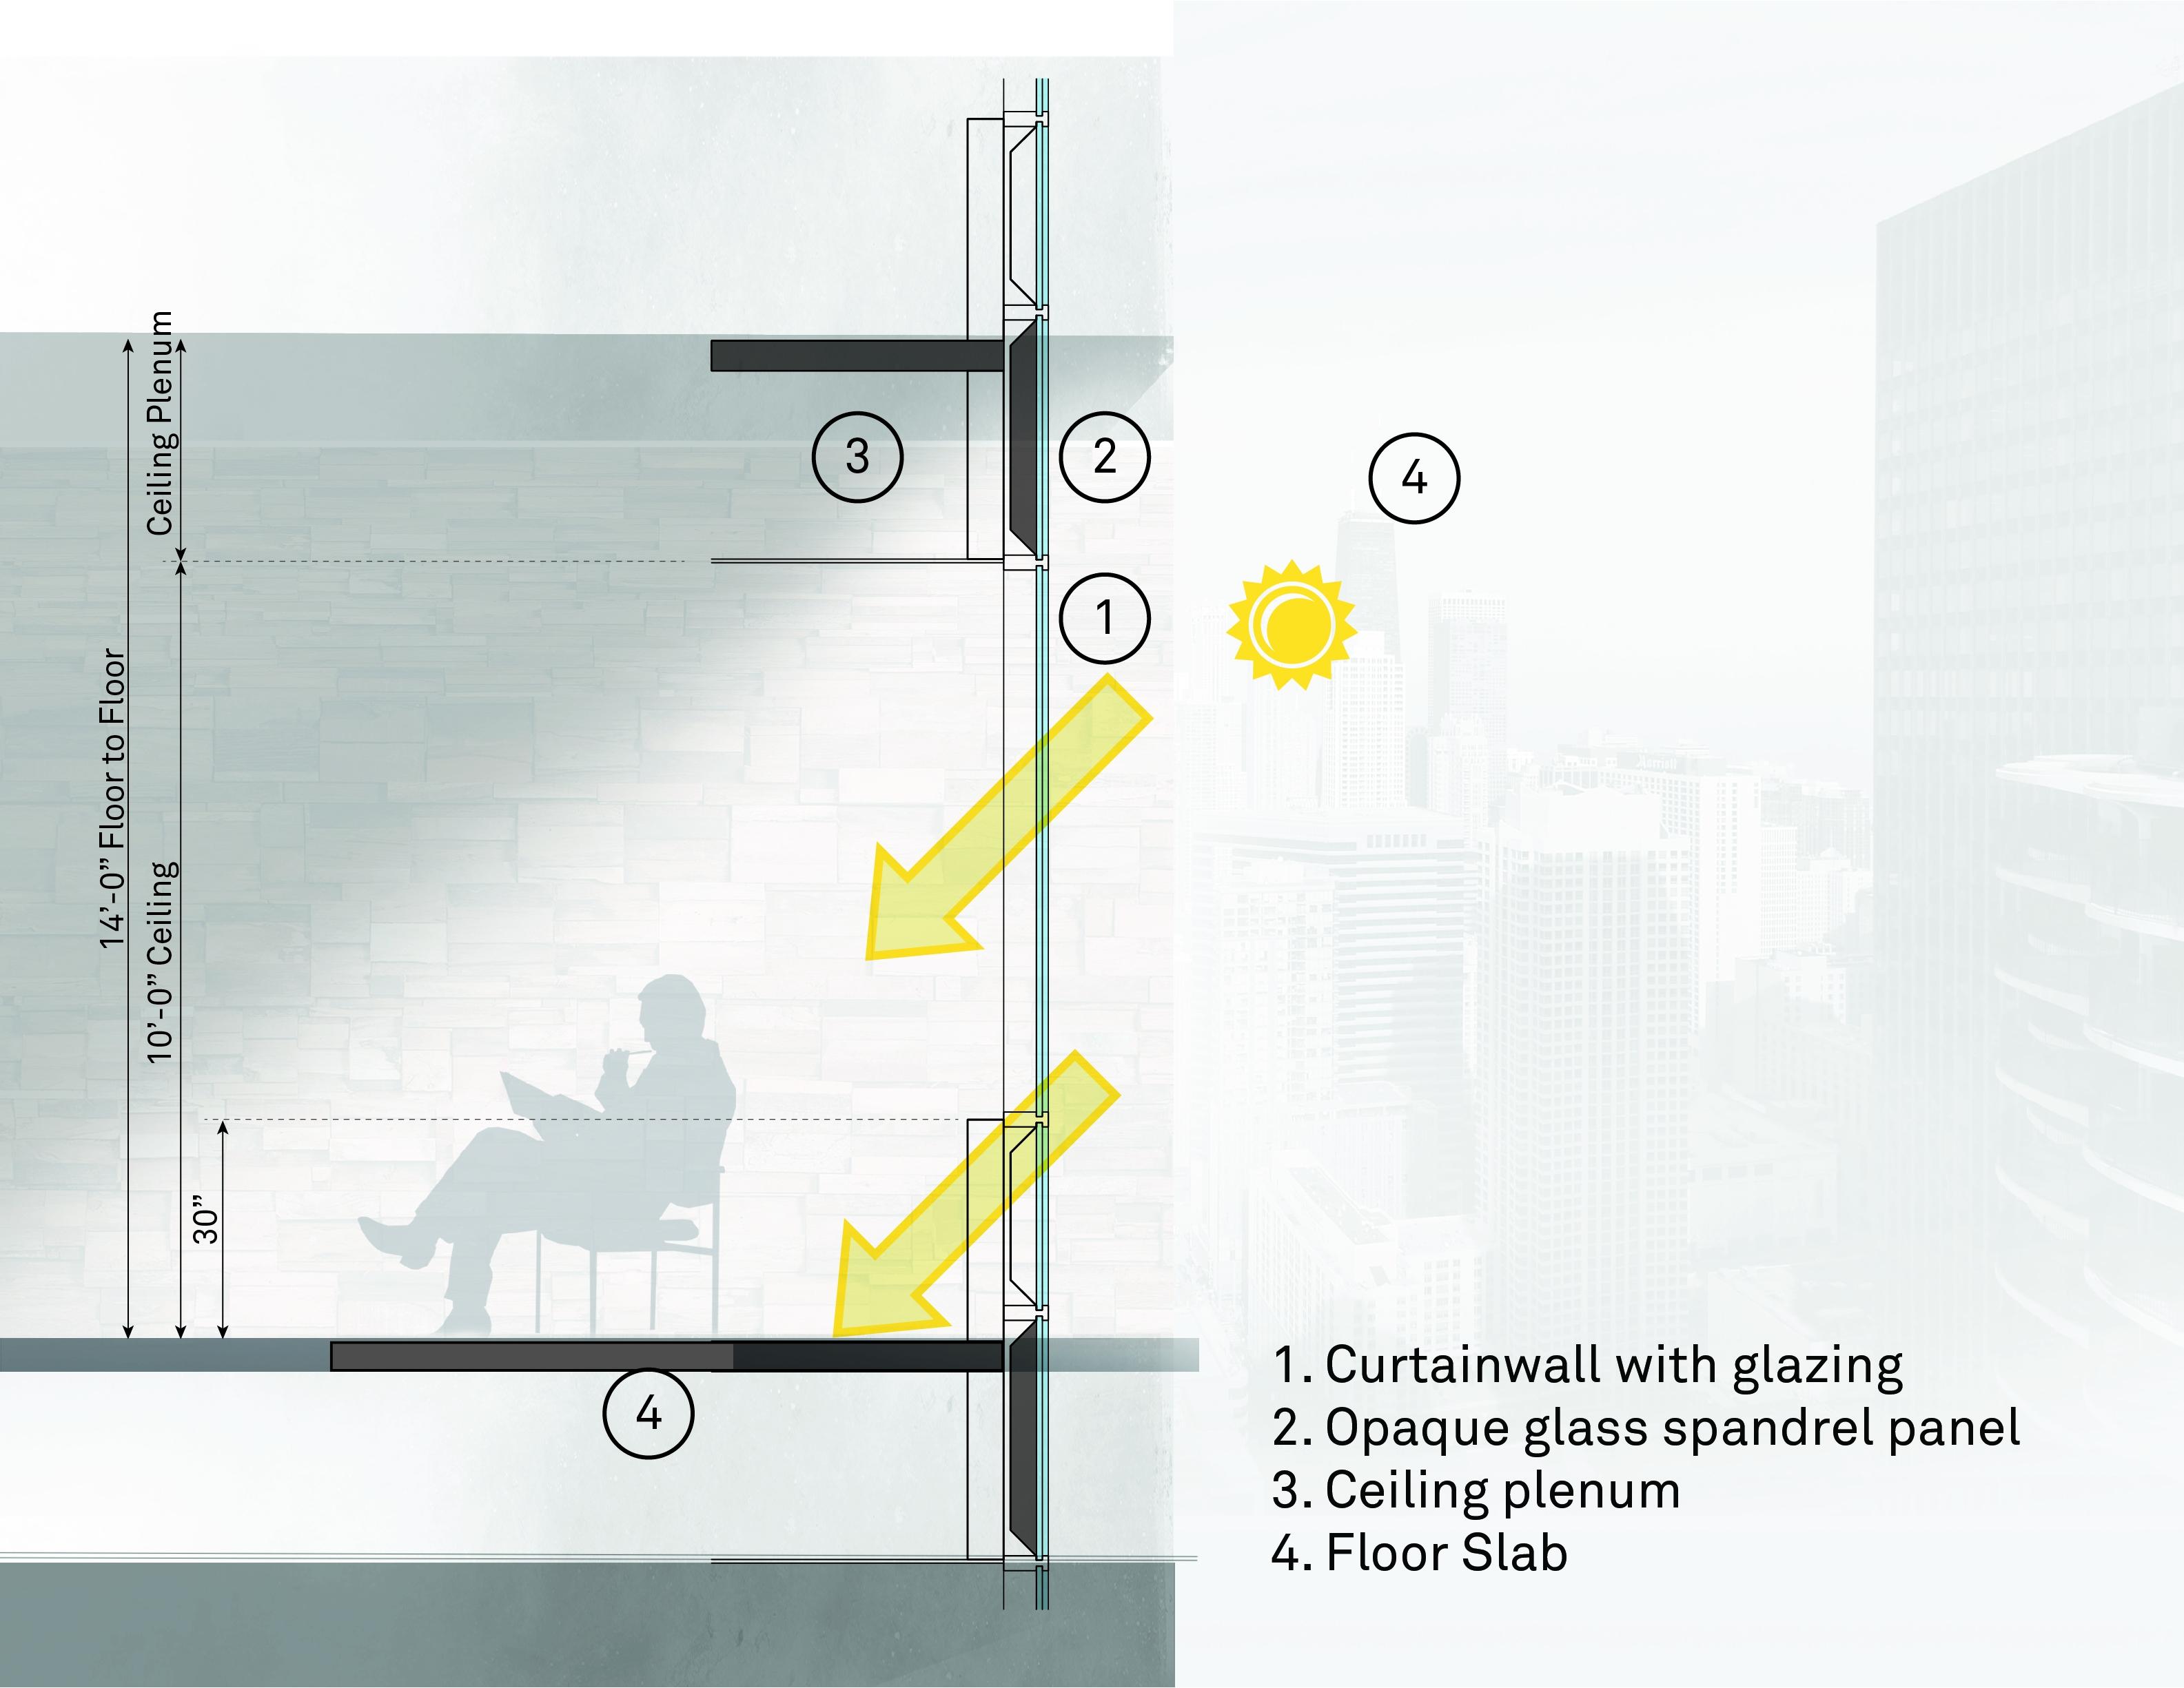 Glazing diagram for Glass Building design.